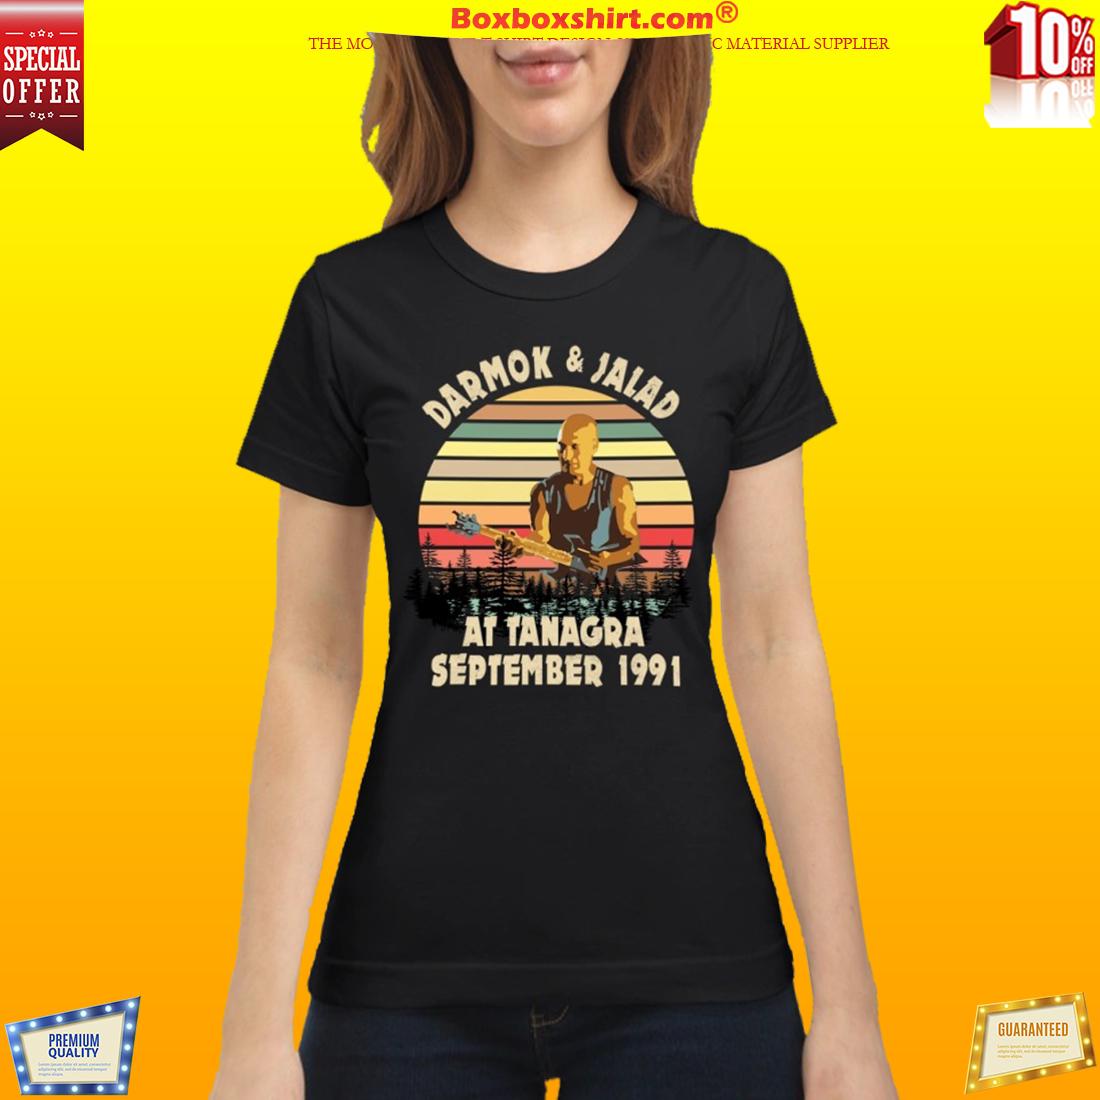 Darmok and Jalad at Tanagra September classic shirt